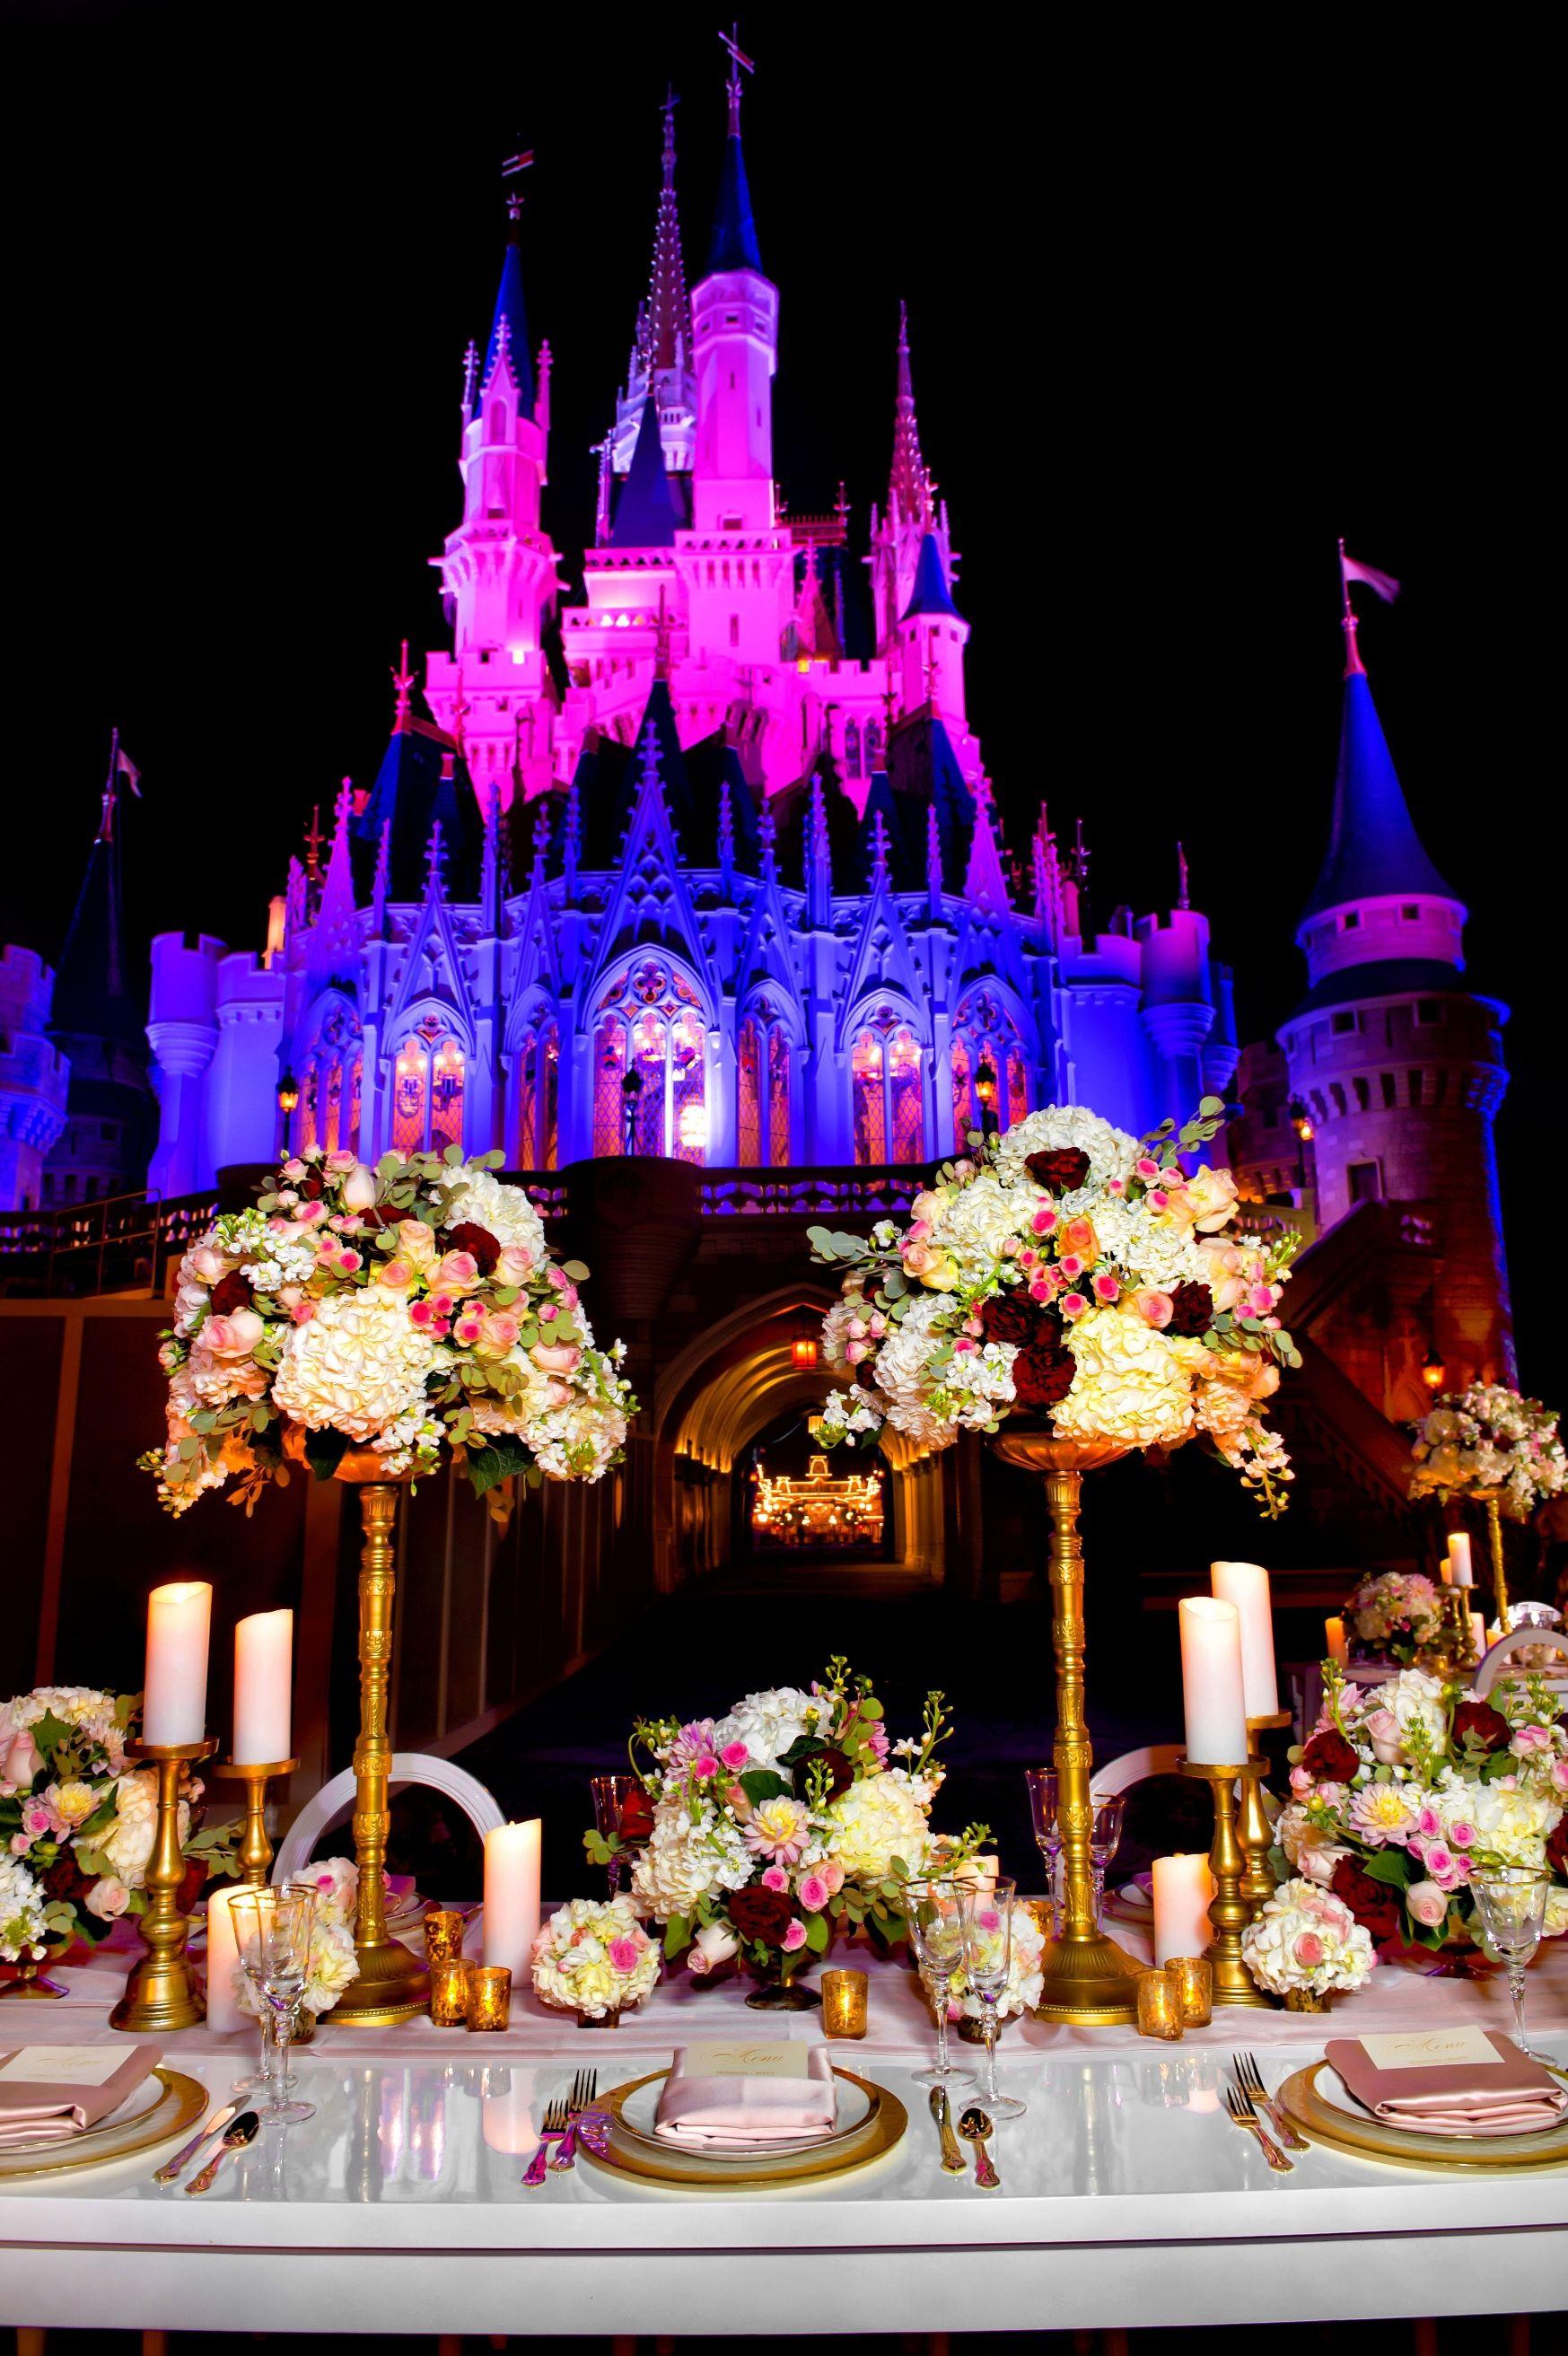 Mesa posta para os convidados (não pode ser muita gente!) e o Castelo da Cinderela iluminado à noite - uma cena bem exclusiva, já que a multidão de visitantes diários já se foi